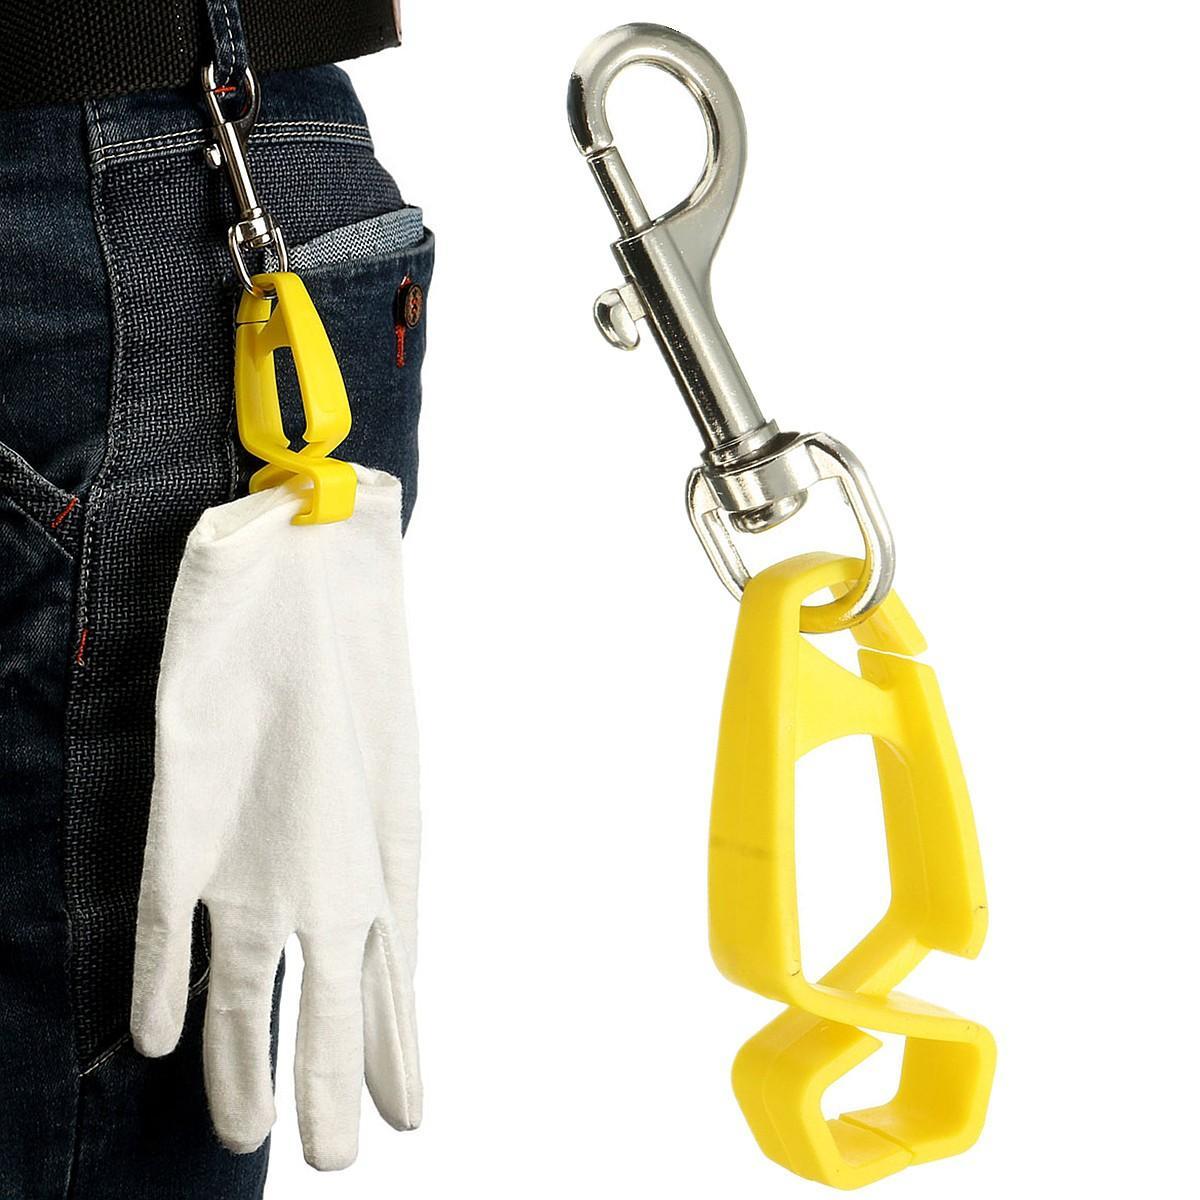 Găng tay bảo vệ an toàn Kẹp giữ Keeper để đính kèm Găng tay Khăn mặt Kính Mũ bảo hiểm